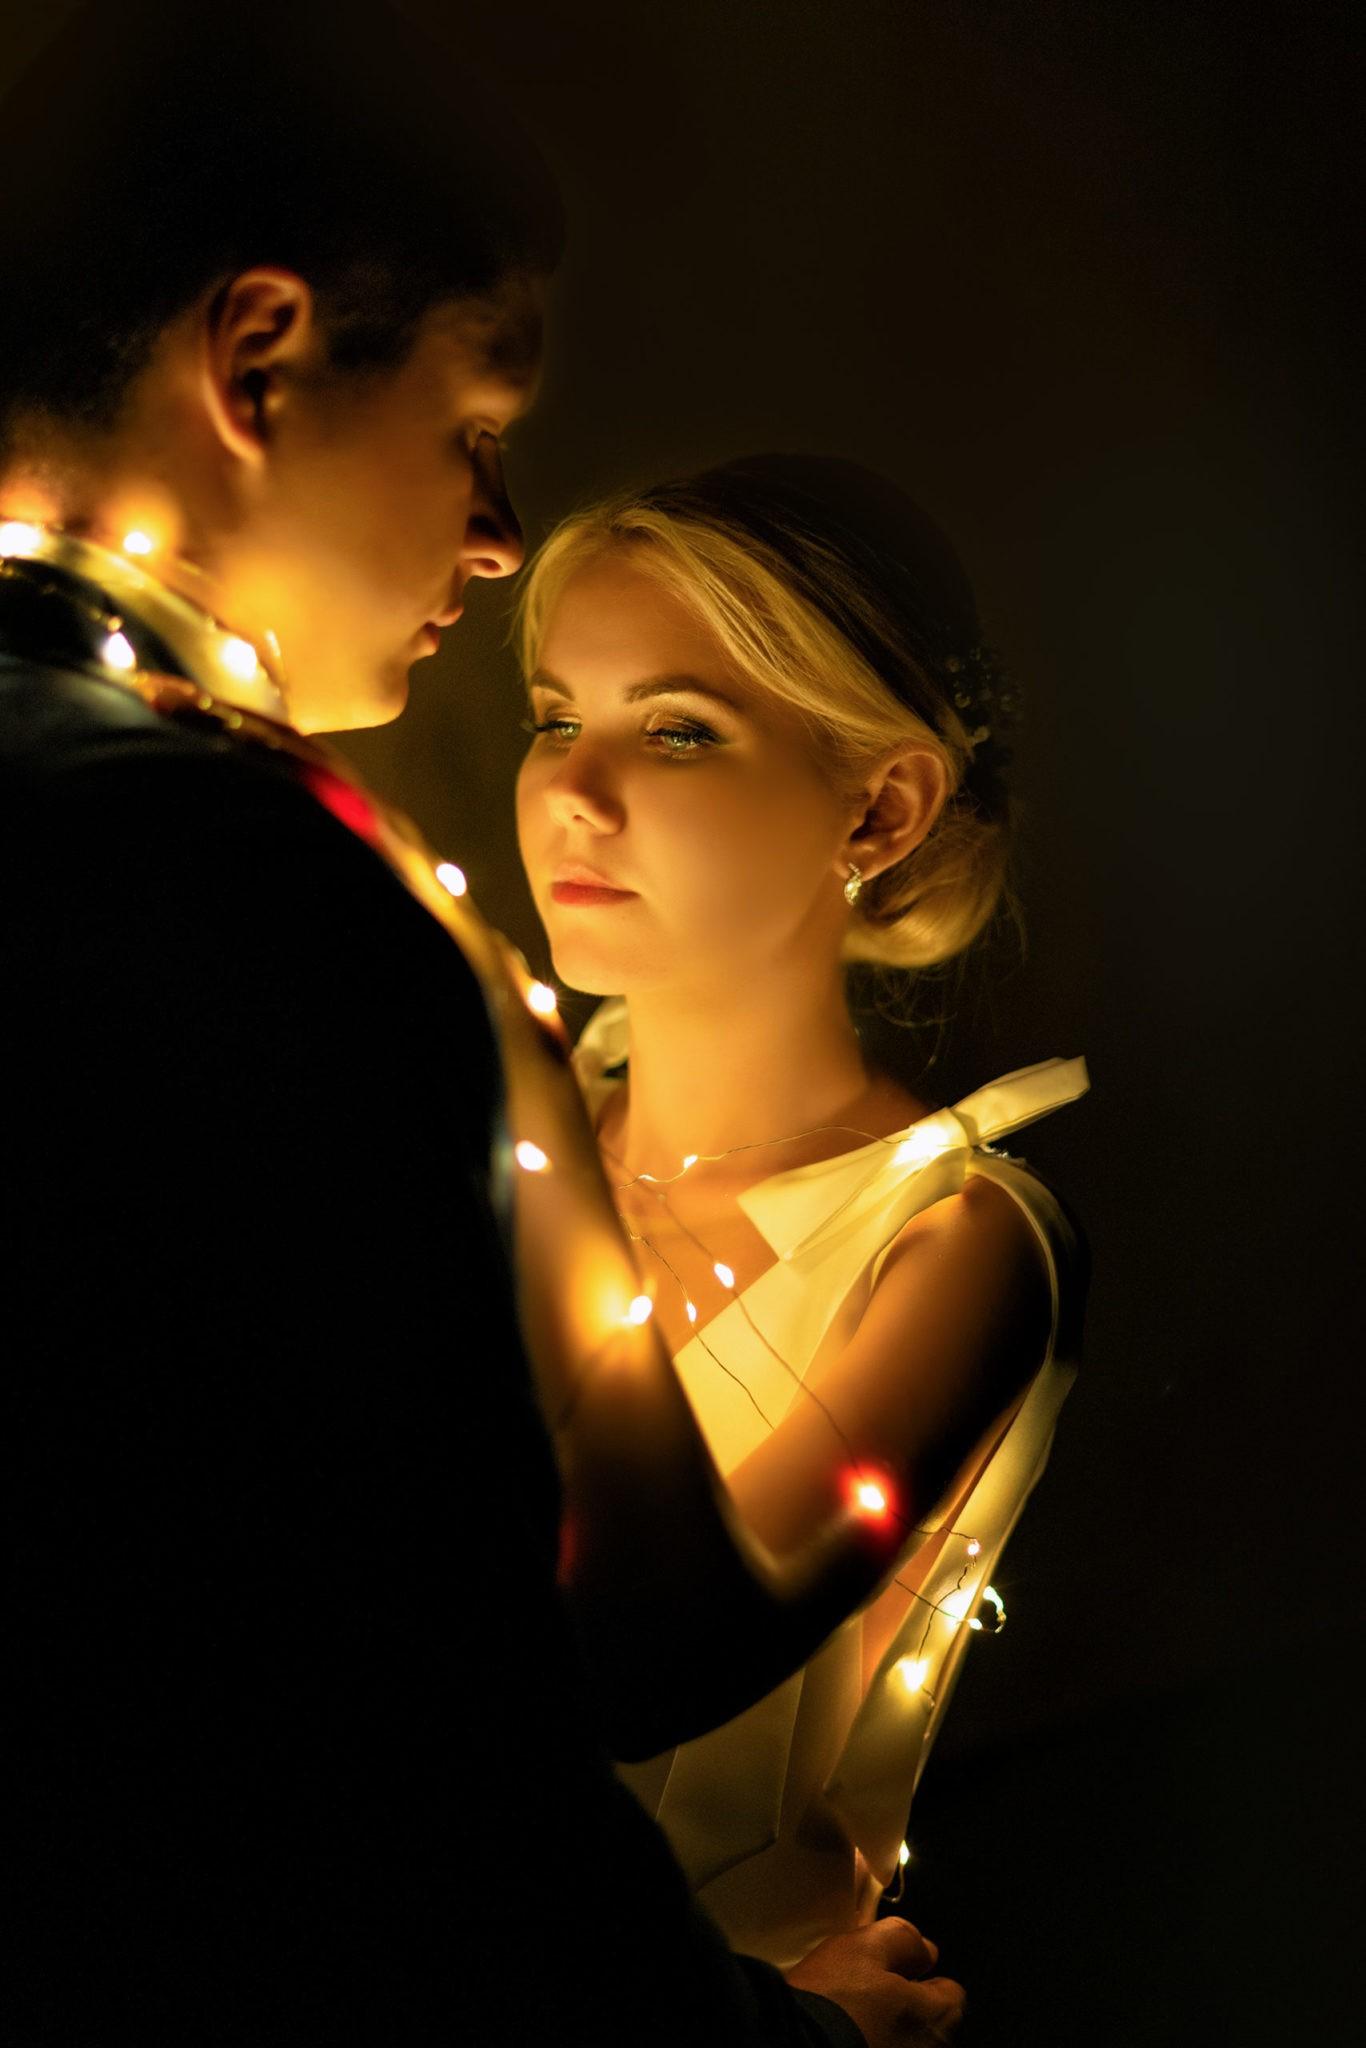 Свадебная фотосъемка в Крымске от Краснодарского свадебного фотографа: ночная свадебная съемка